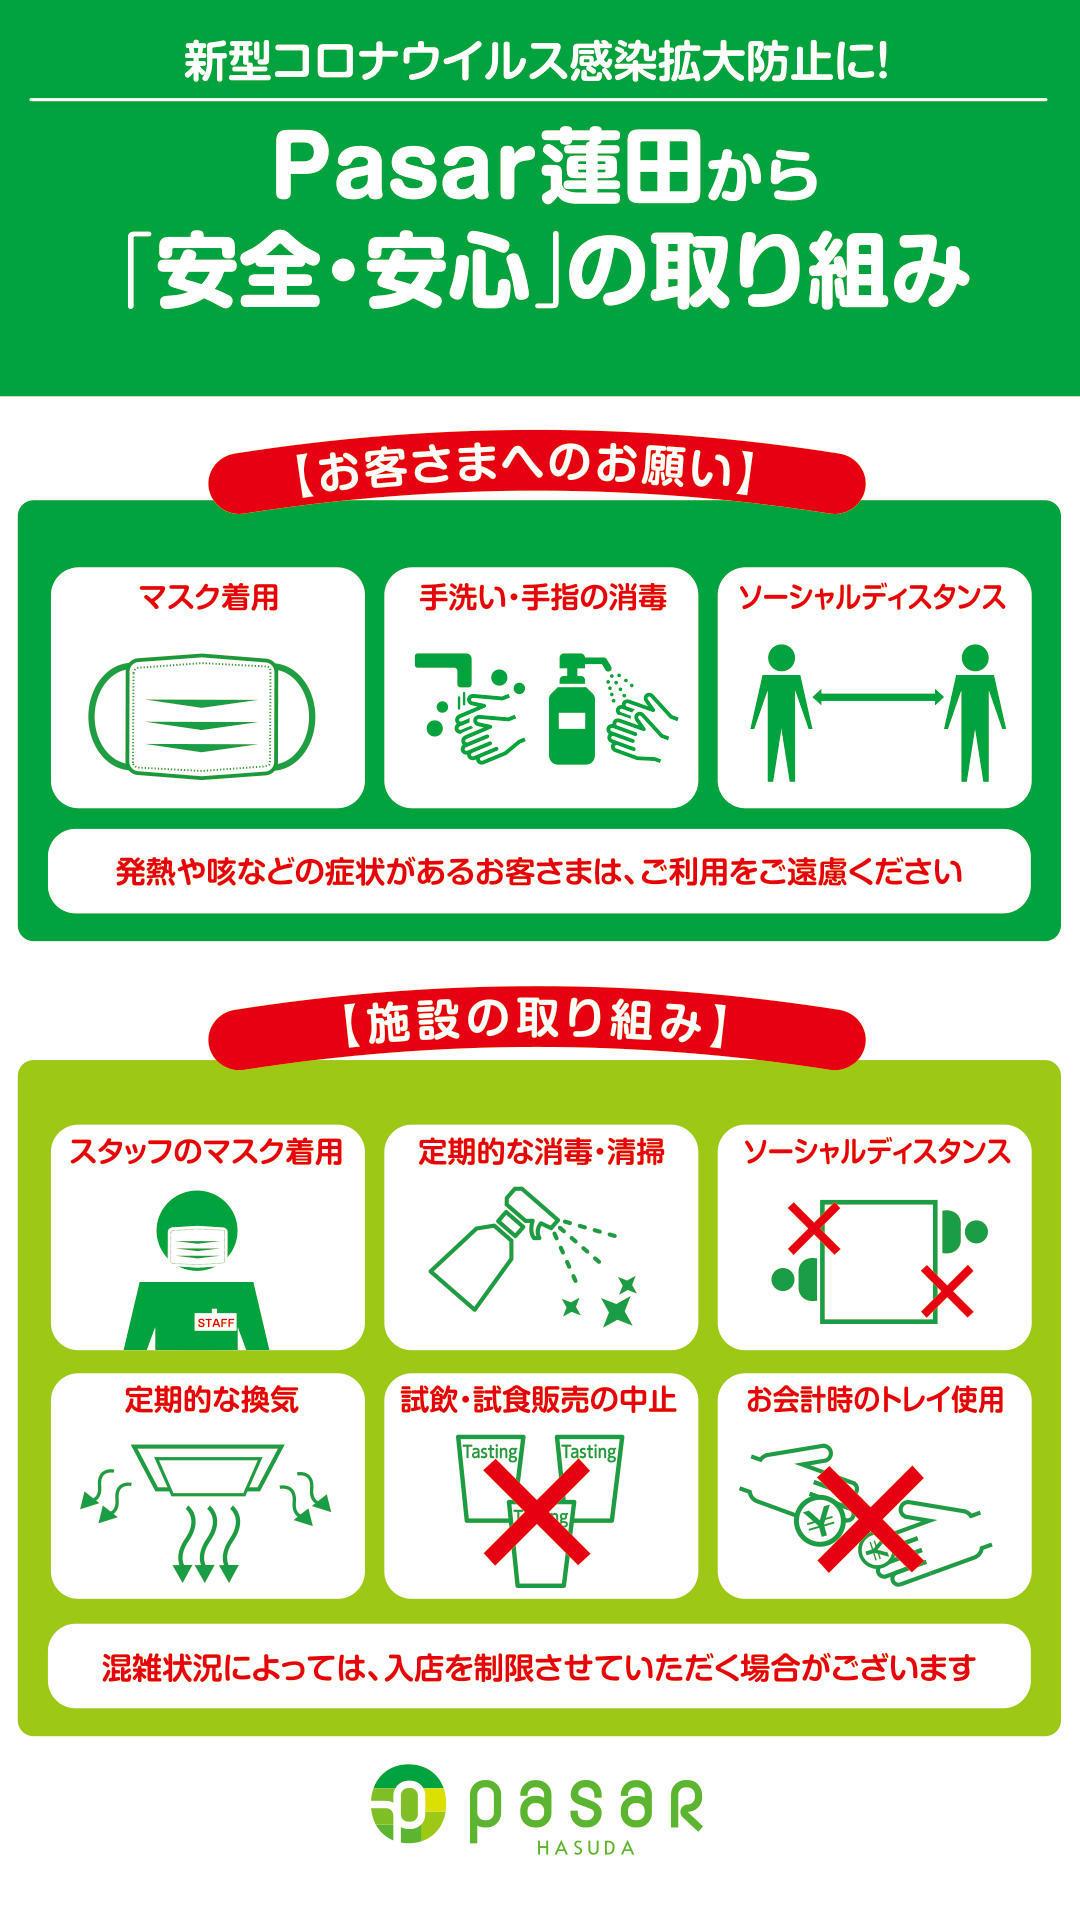 コロナウイルス対策.jpg